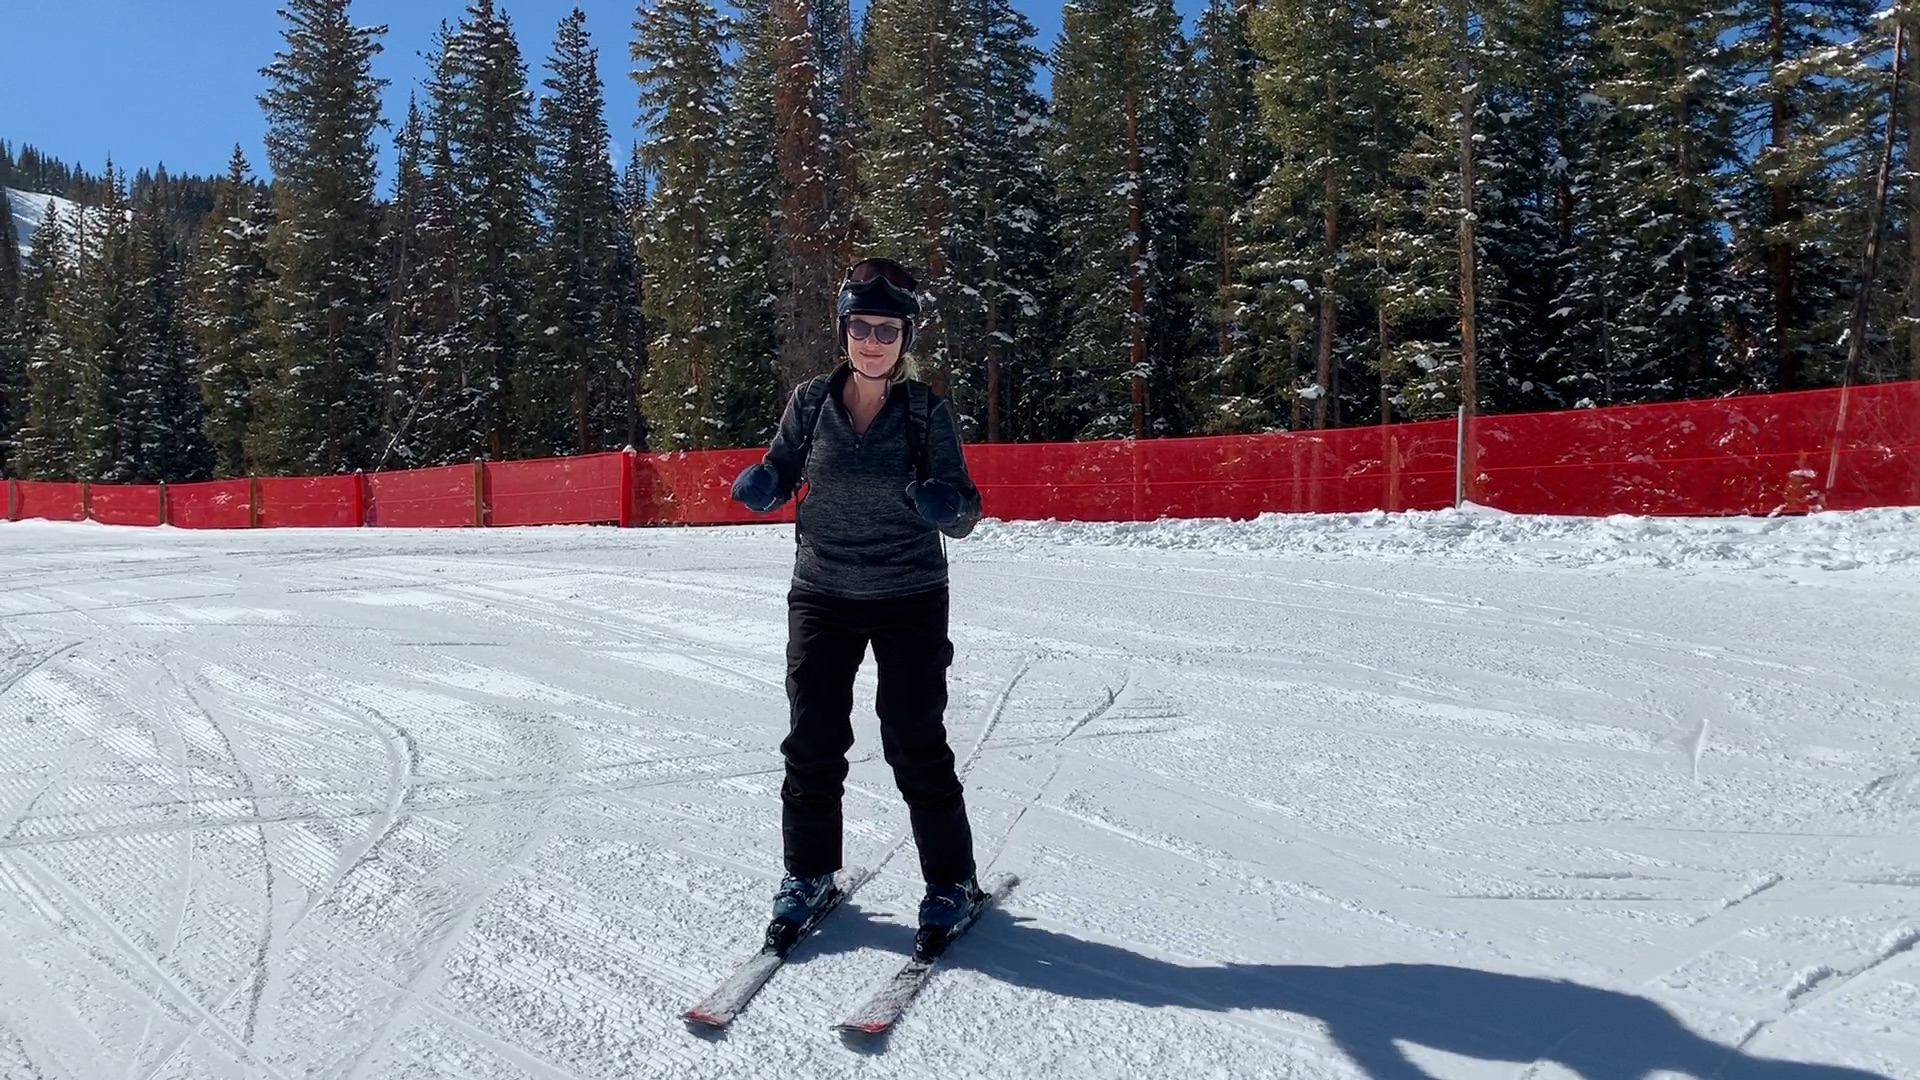 skiing JPG 2